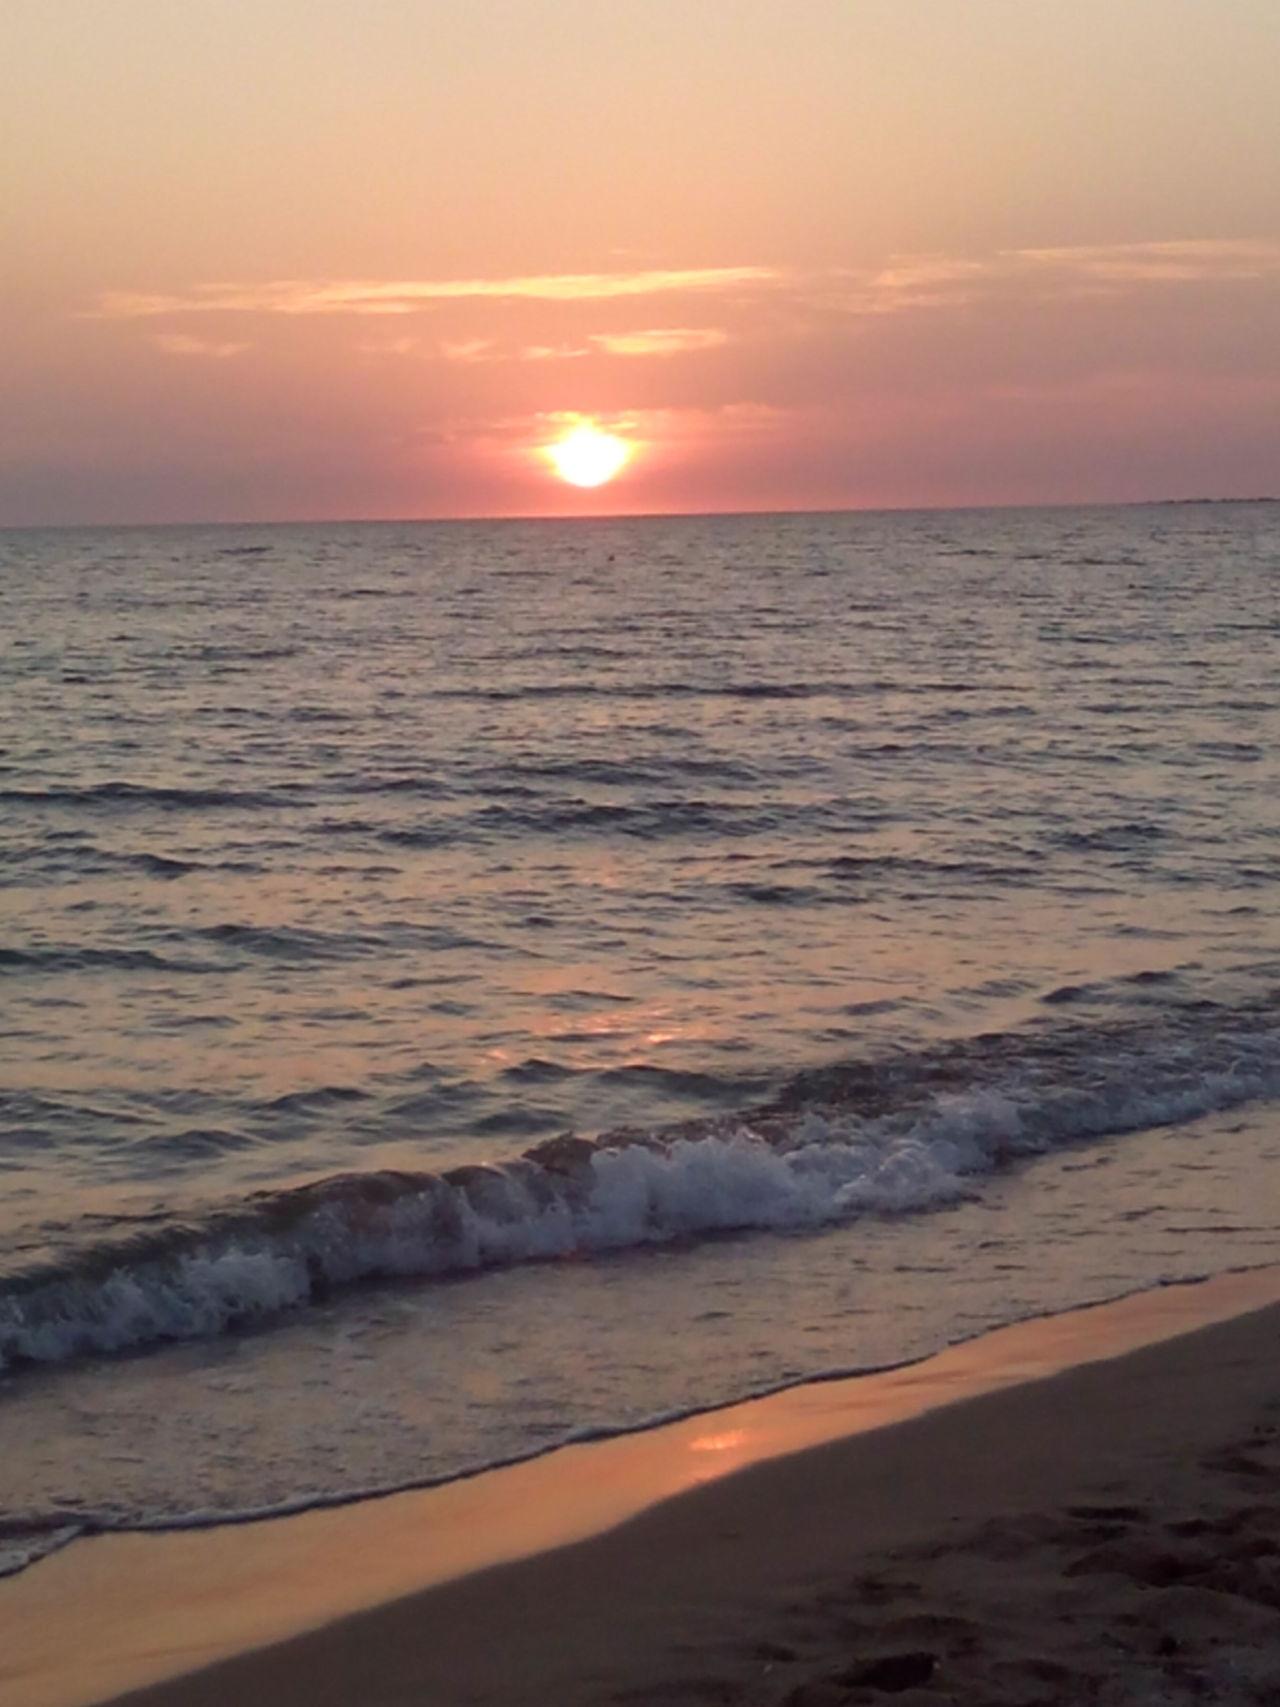 Прекрасен закат солнца на море.